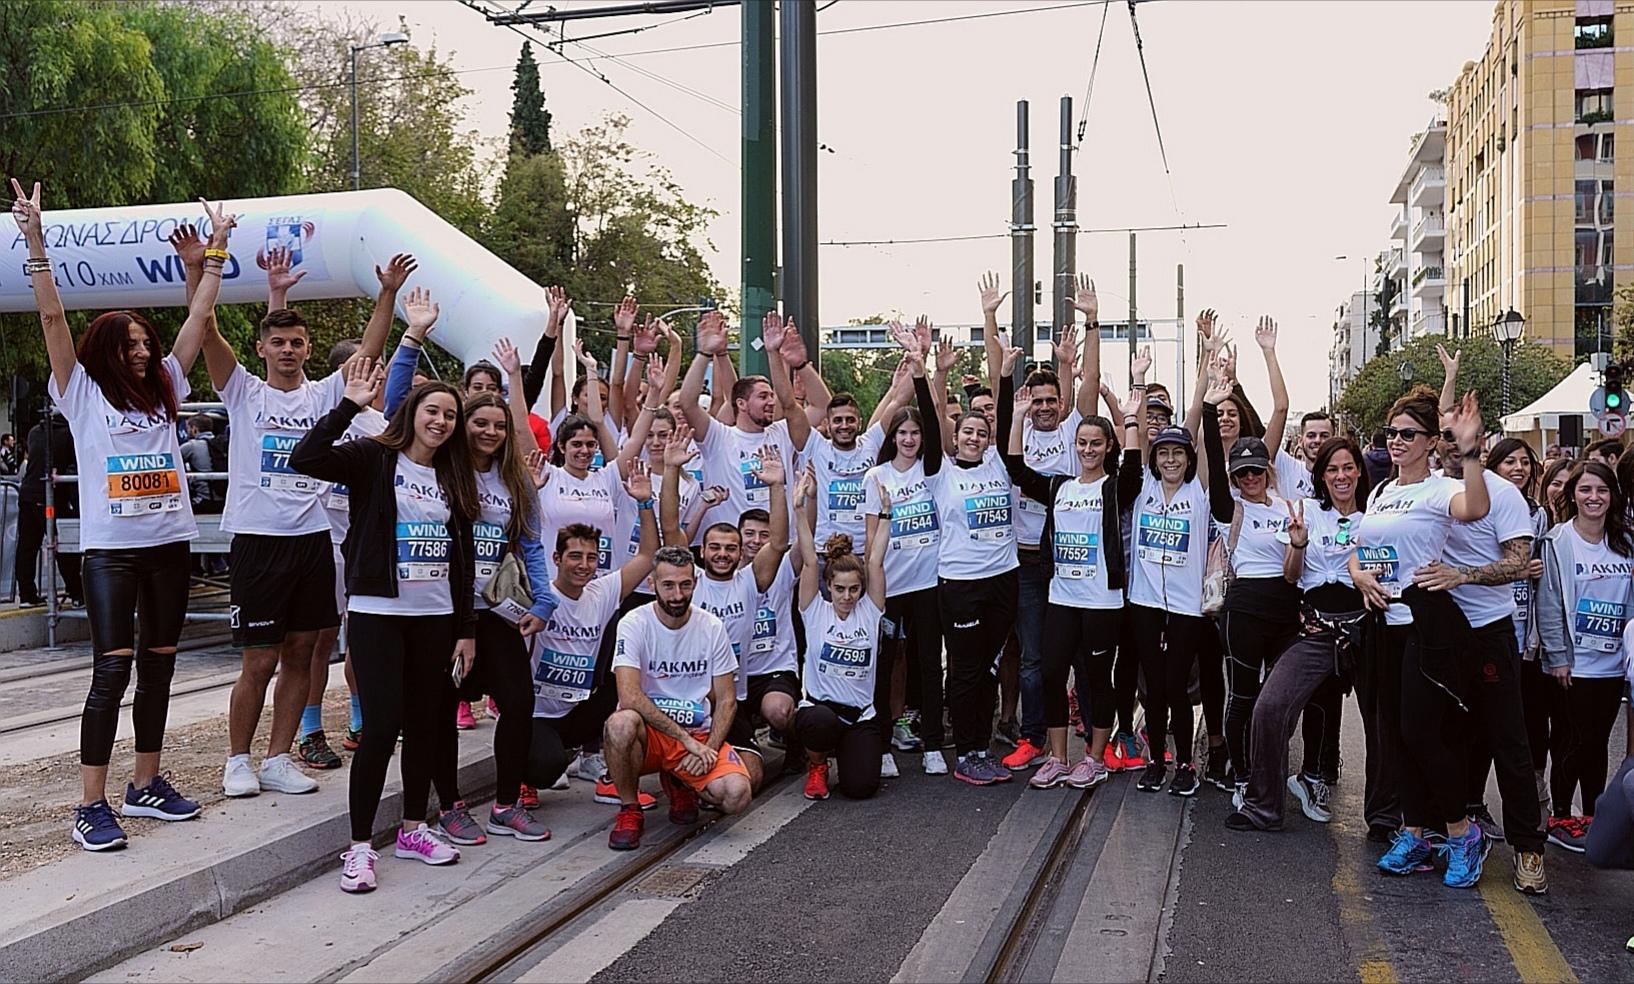 Με 150 δρομείς η Running Team του ΙΕΚ ΑΚΜΗ έκλεψε τις εντυπώσεις στον 36ο Αυθεντικό Μαραθώνιο της Αθήνας